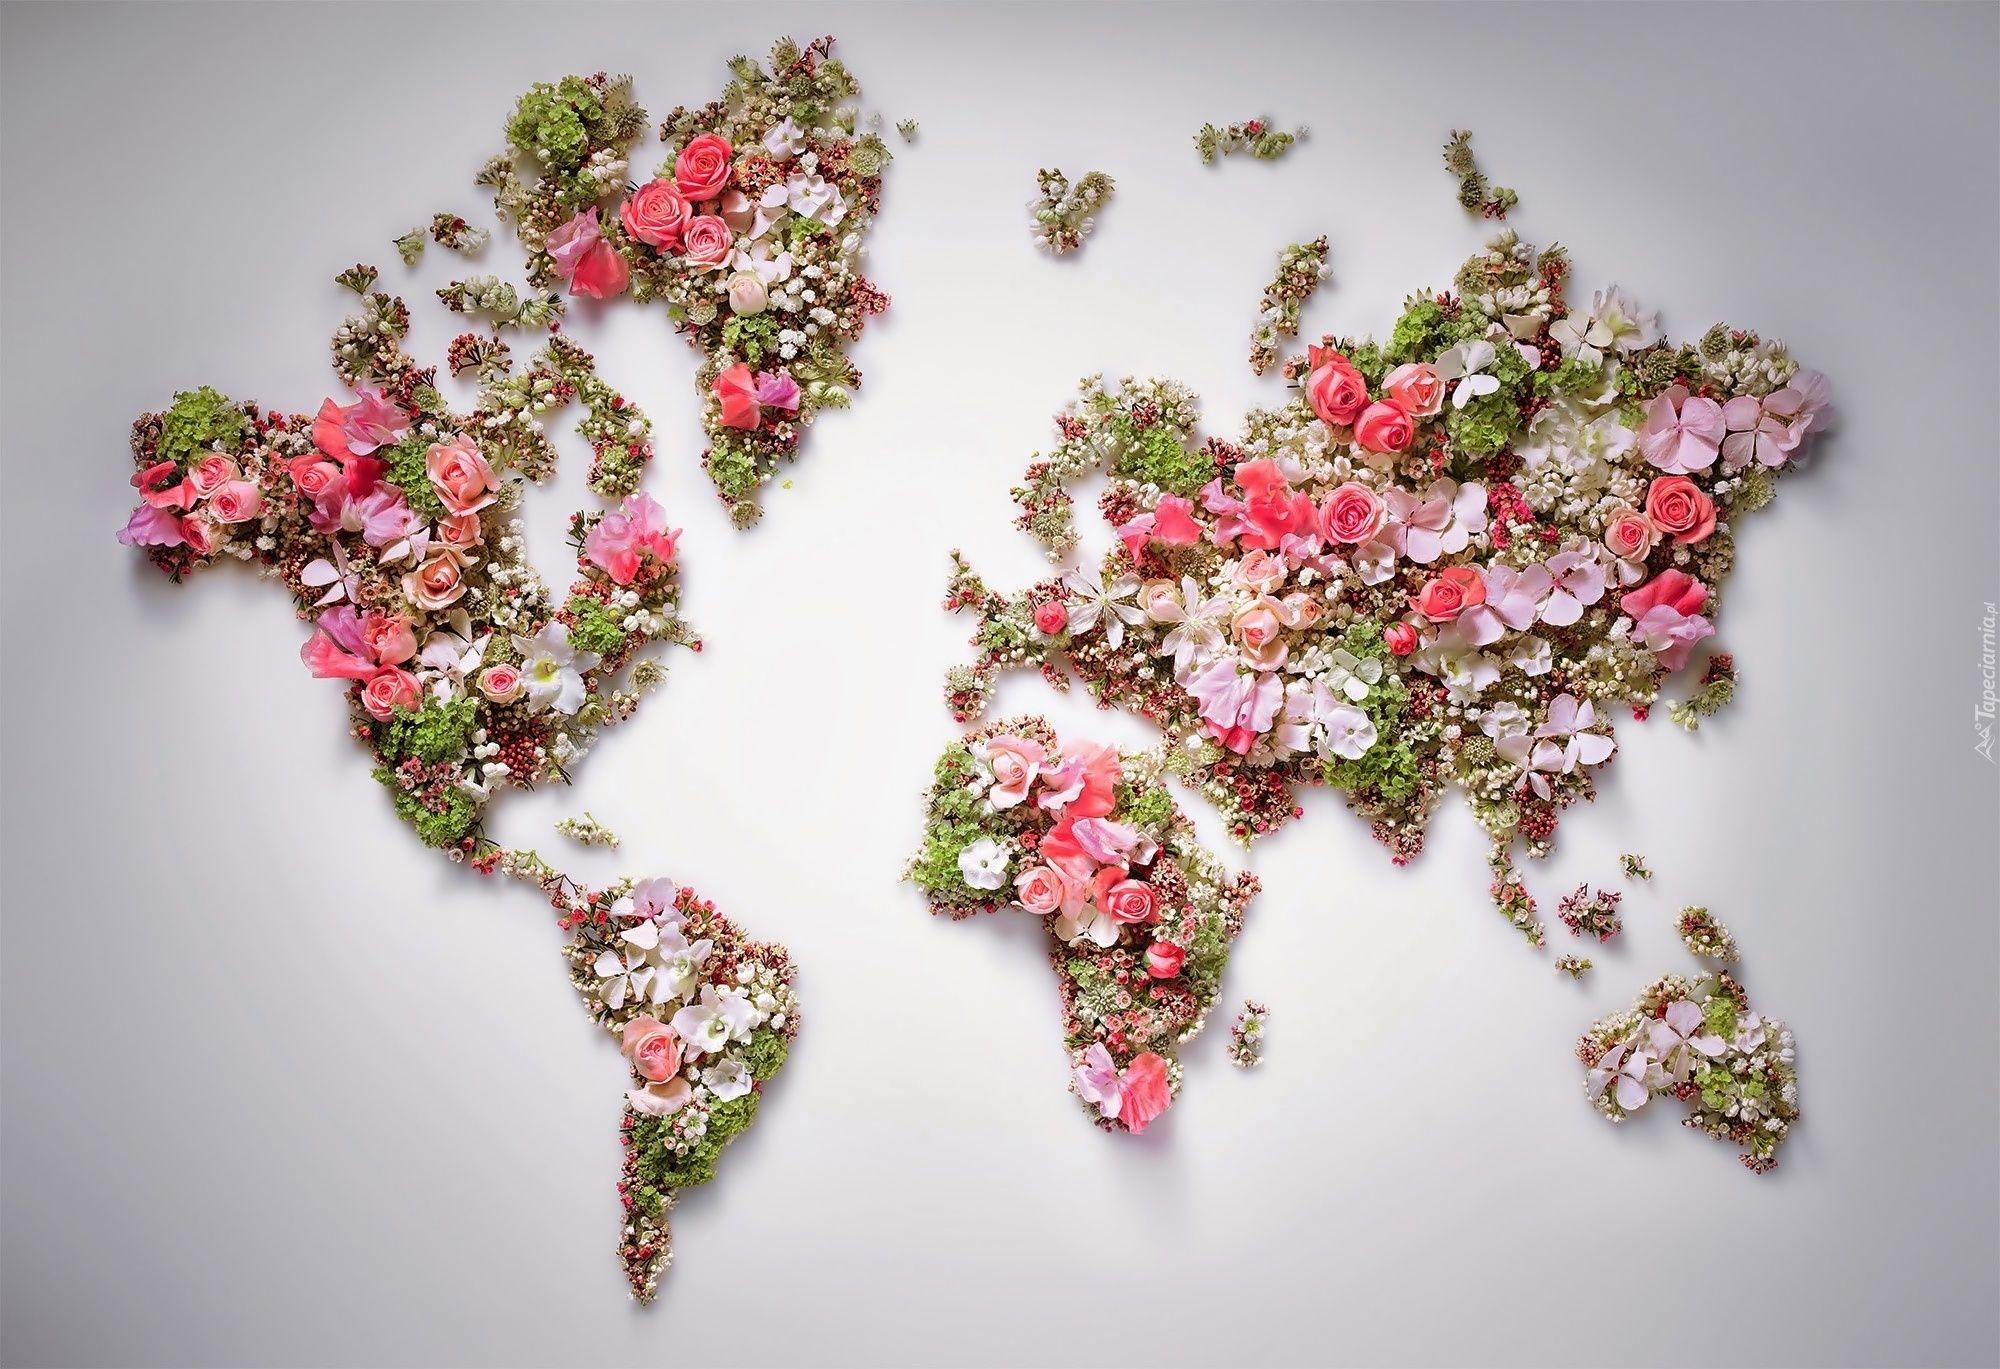 Edycja Tapety Kompozycja Kolorowe Kwiaty Mapa Swiata Flower Power Flowers Beautiful World